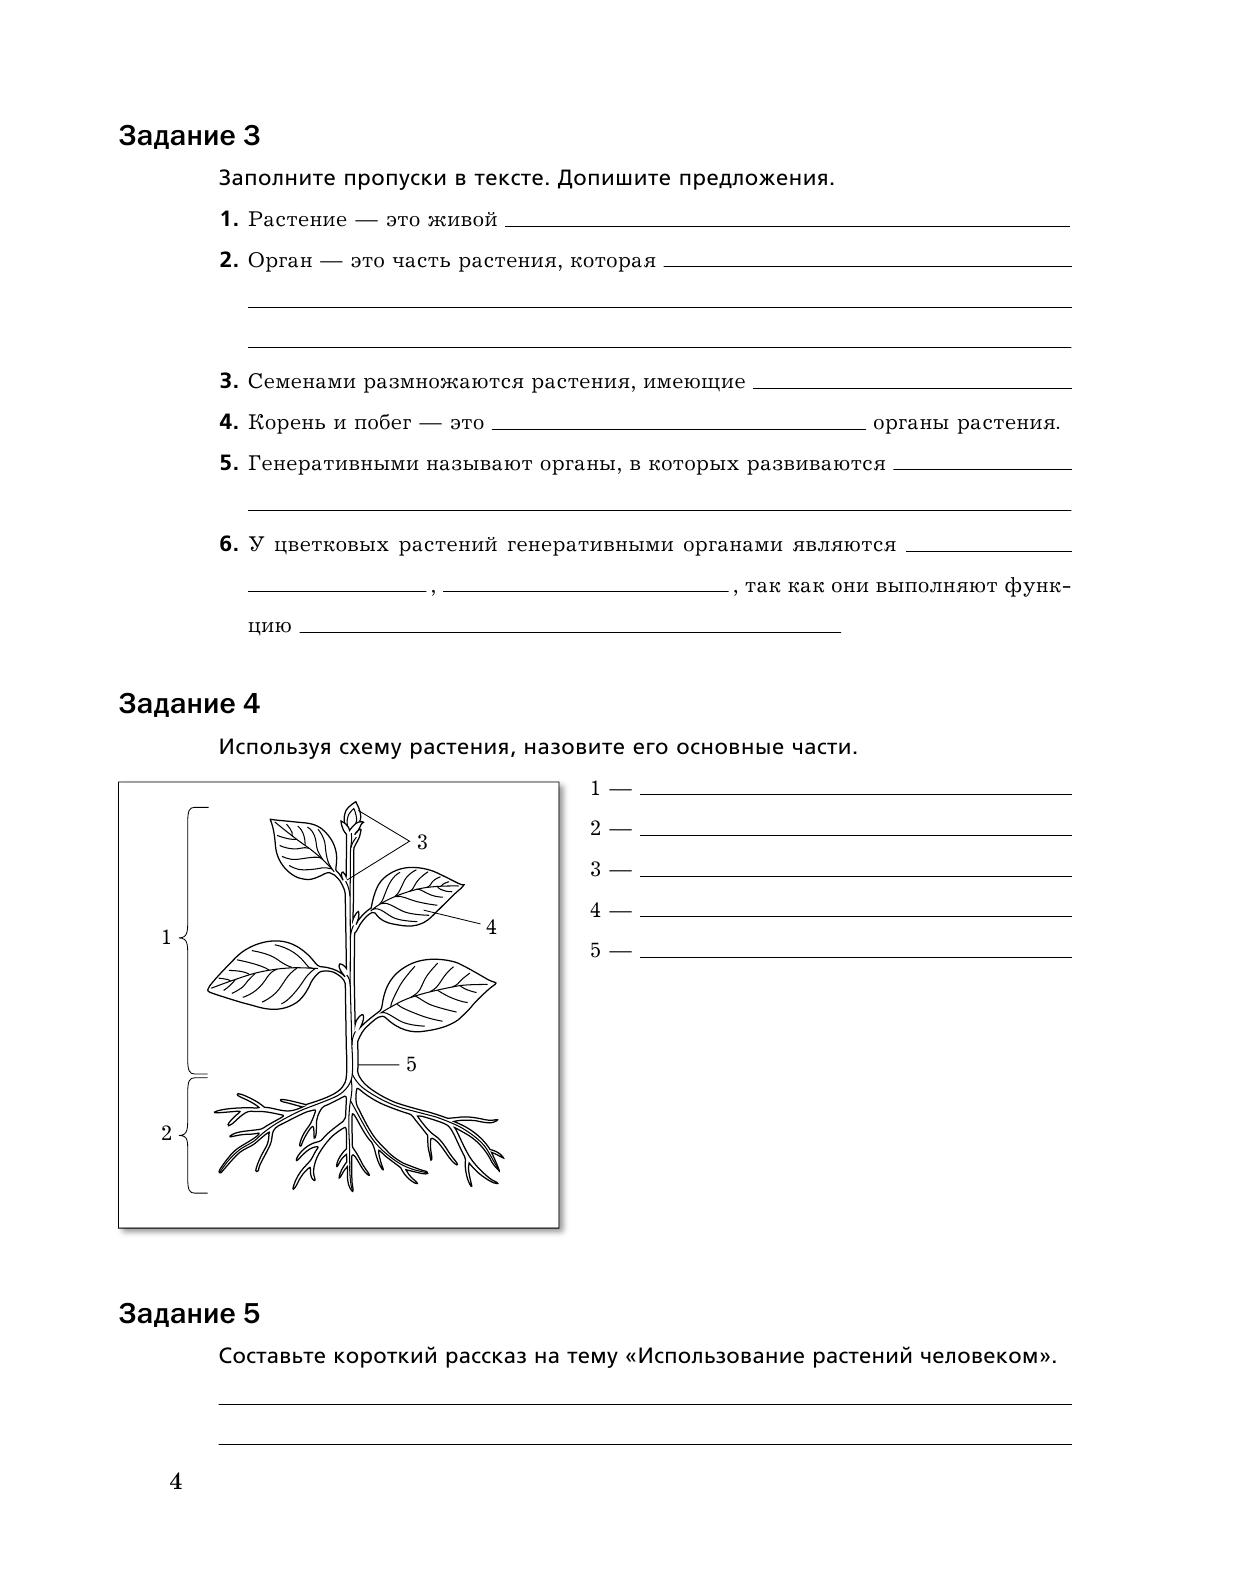 Аудиозапись к биологии пономарева корнилова кучменко 6 класс